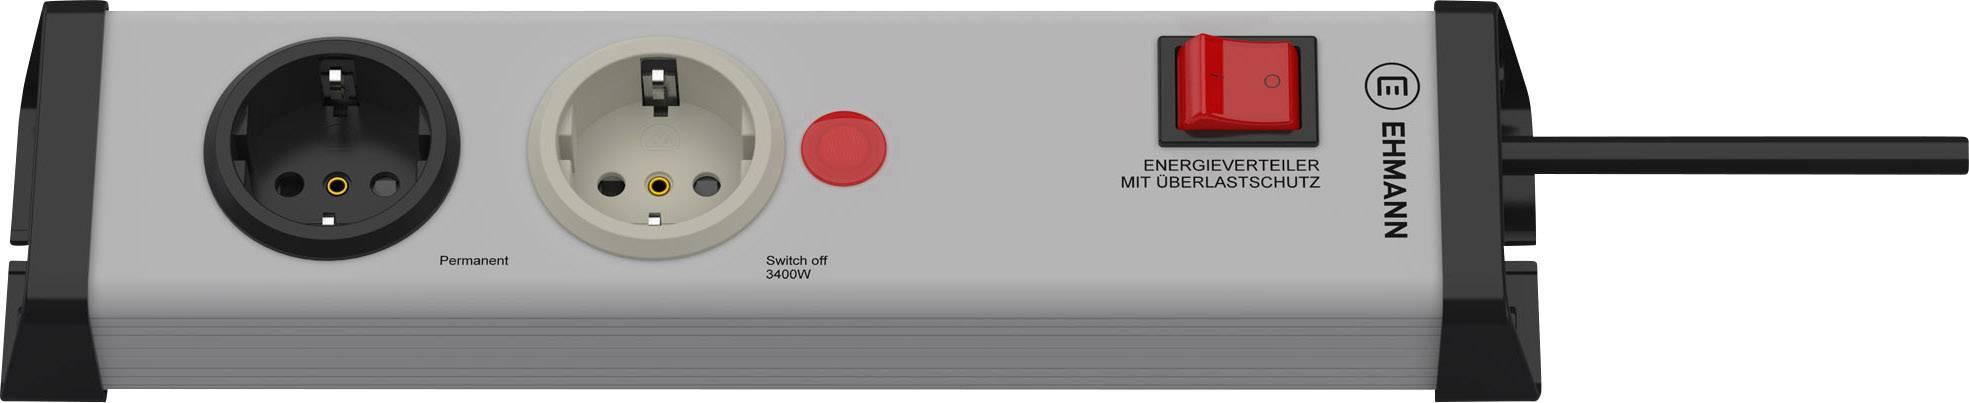 Zásuvková lišta Ehmann so spínačom, 2 zásuvky, 0218x00022301